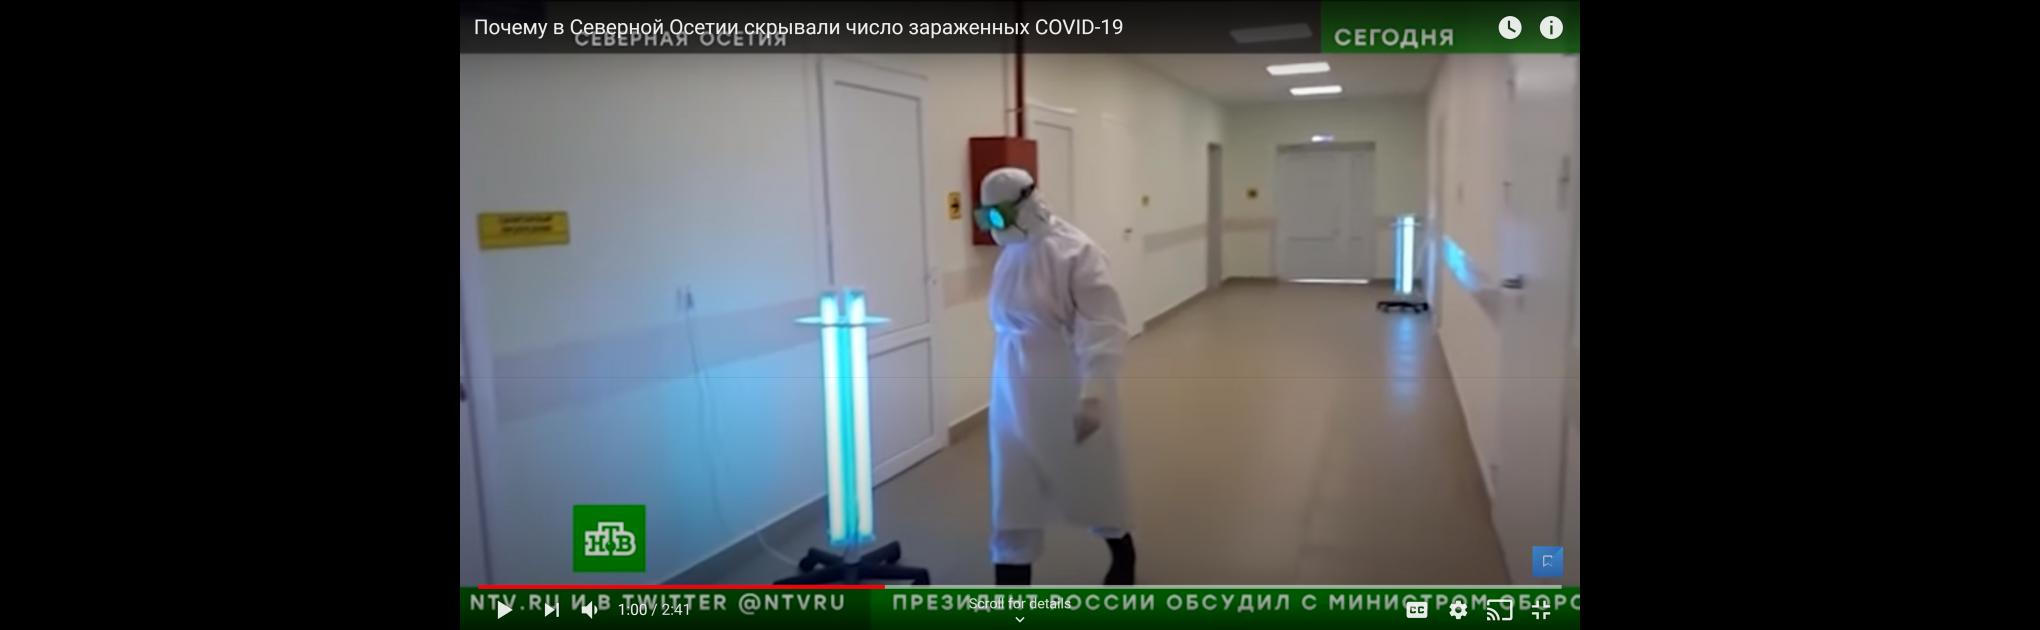 UV-STICK в больнице. в борьбе с коронавирусом.